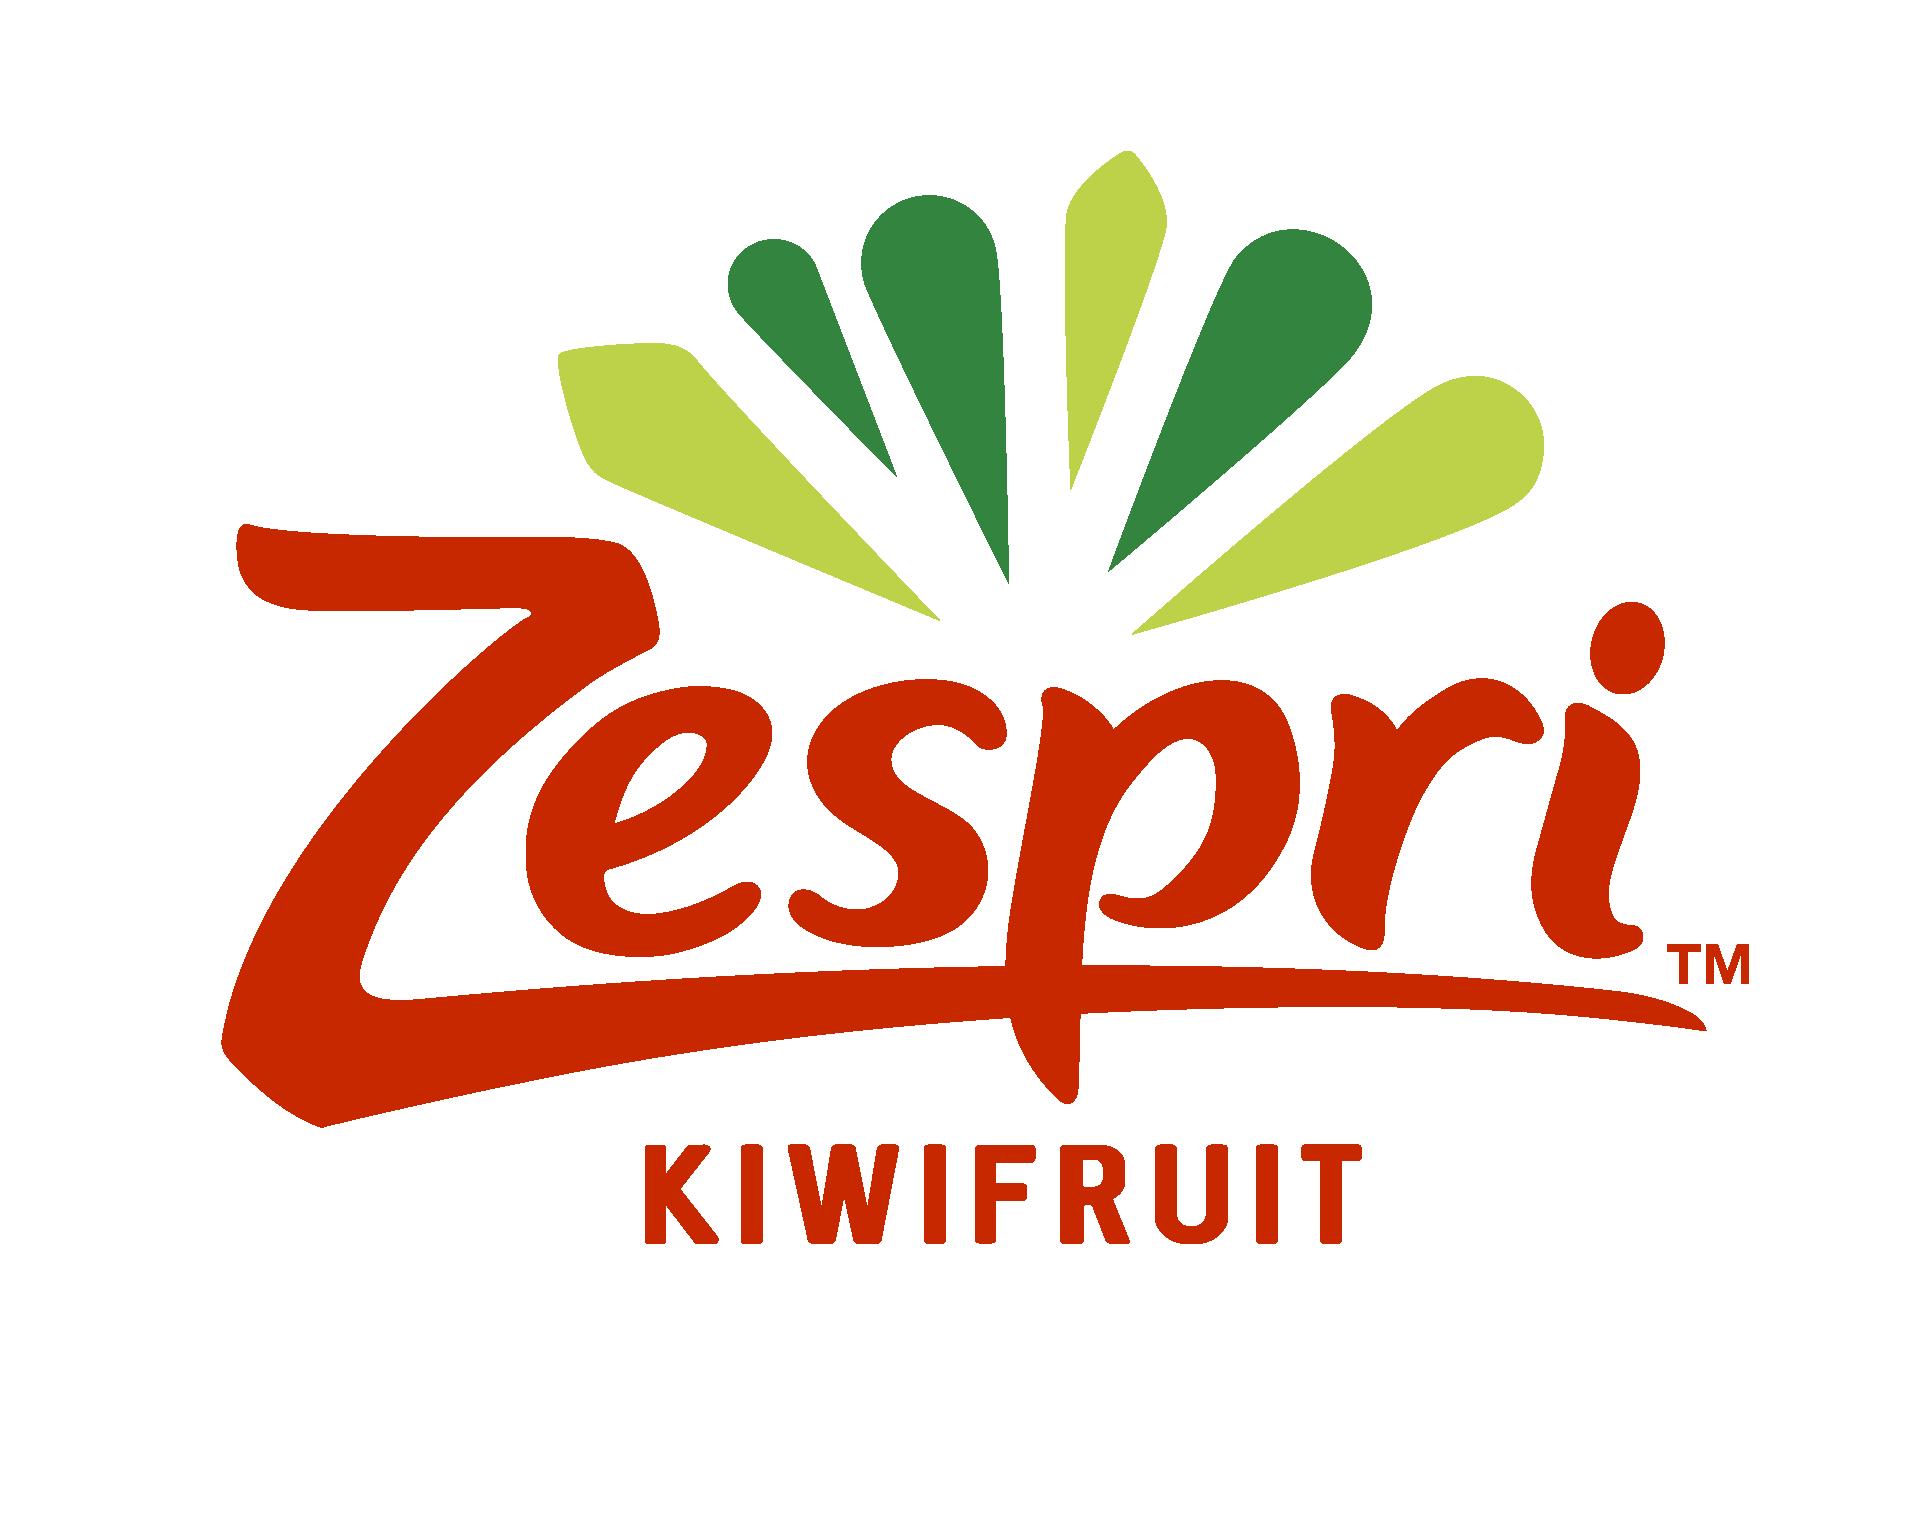 02._Zespri_RGB_Colour_Logo.original.png